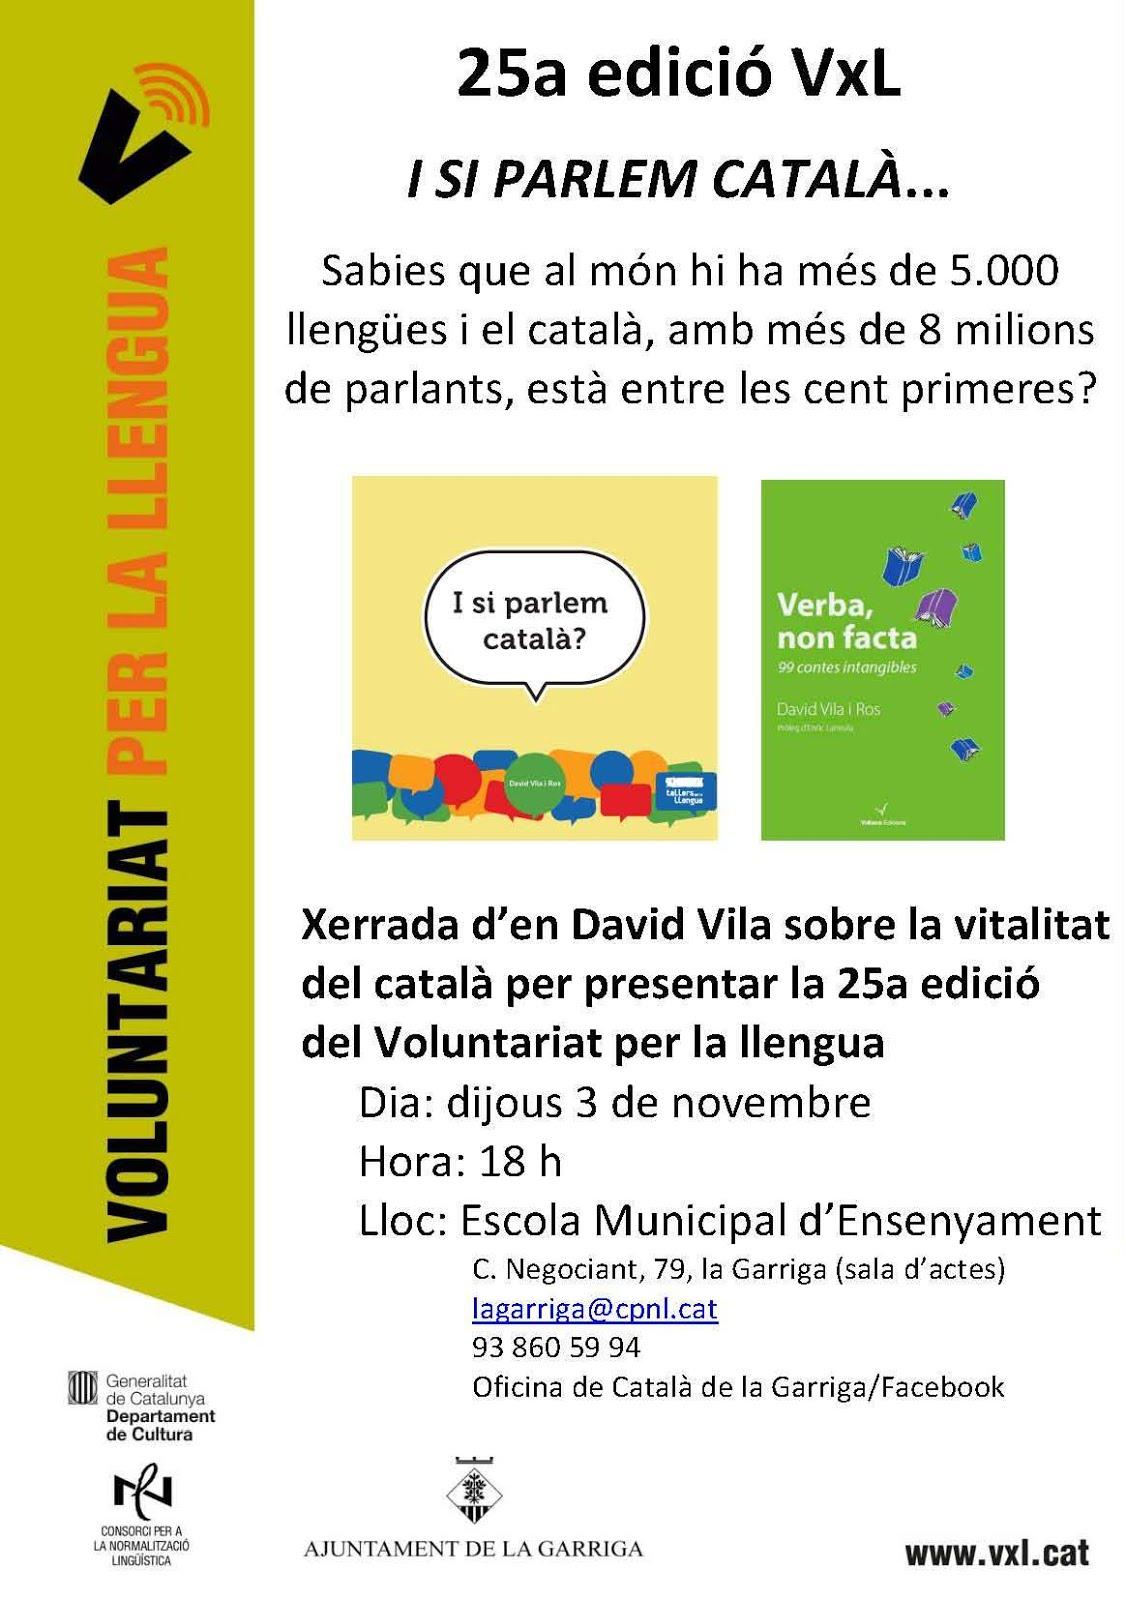 Presentació dels llibres 'Verba, non facta' i 'I si parlem català?' a la Garriga